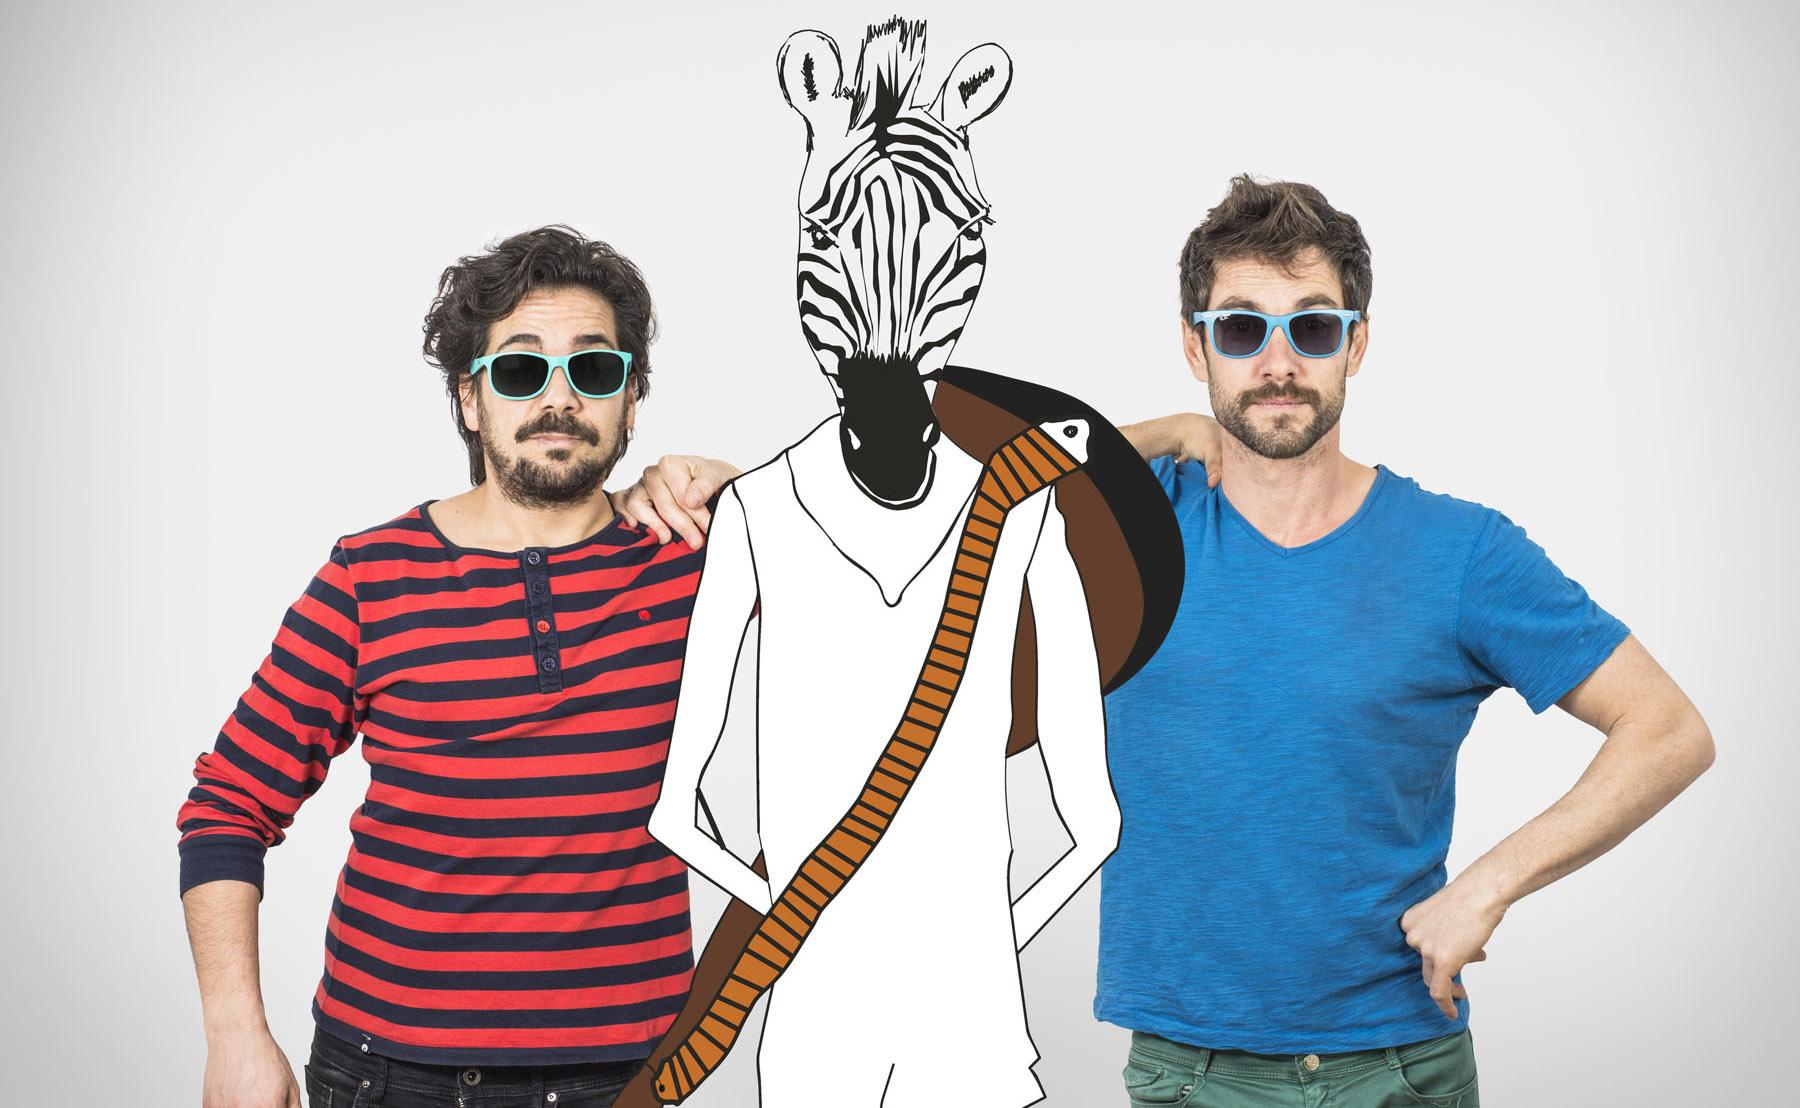 Raúl Delgado y Marcos Casal, Billy Boom Band.